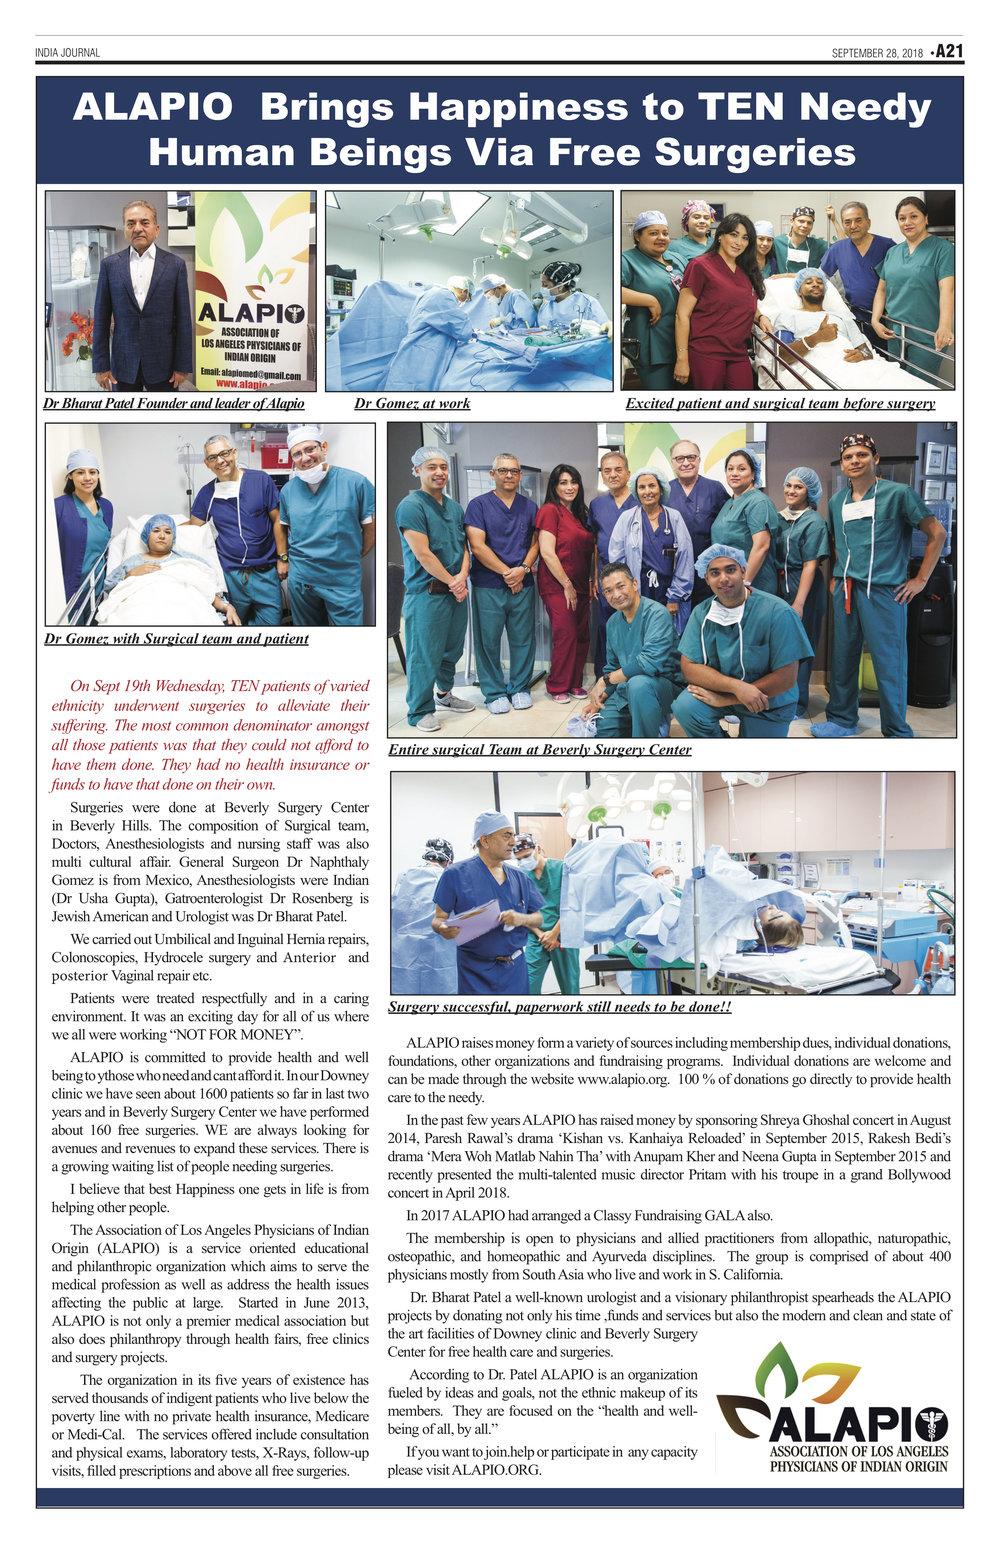 ALAPIO_Free_Surgery_Sep2018.jpg